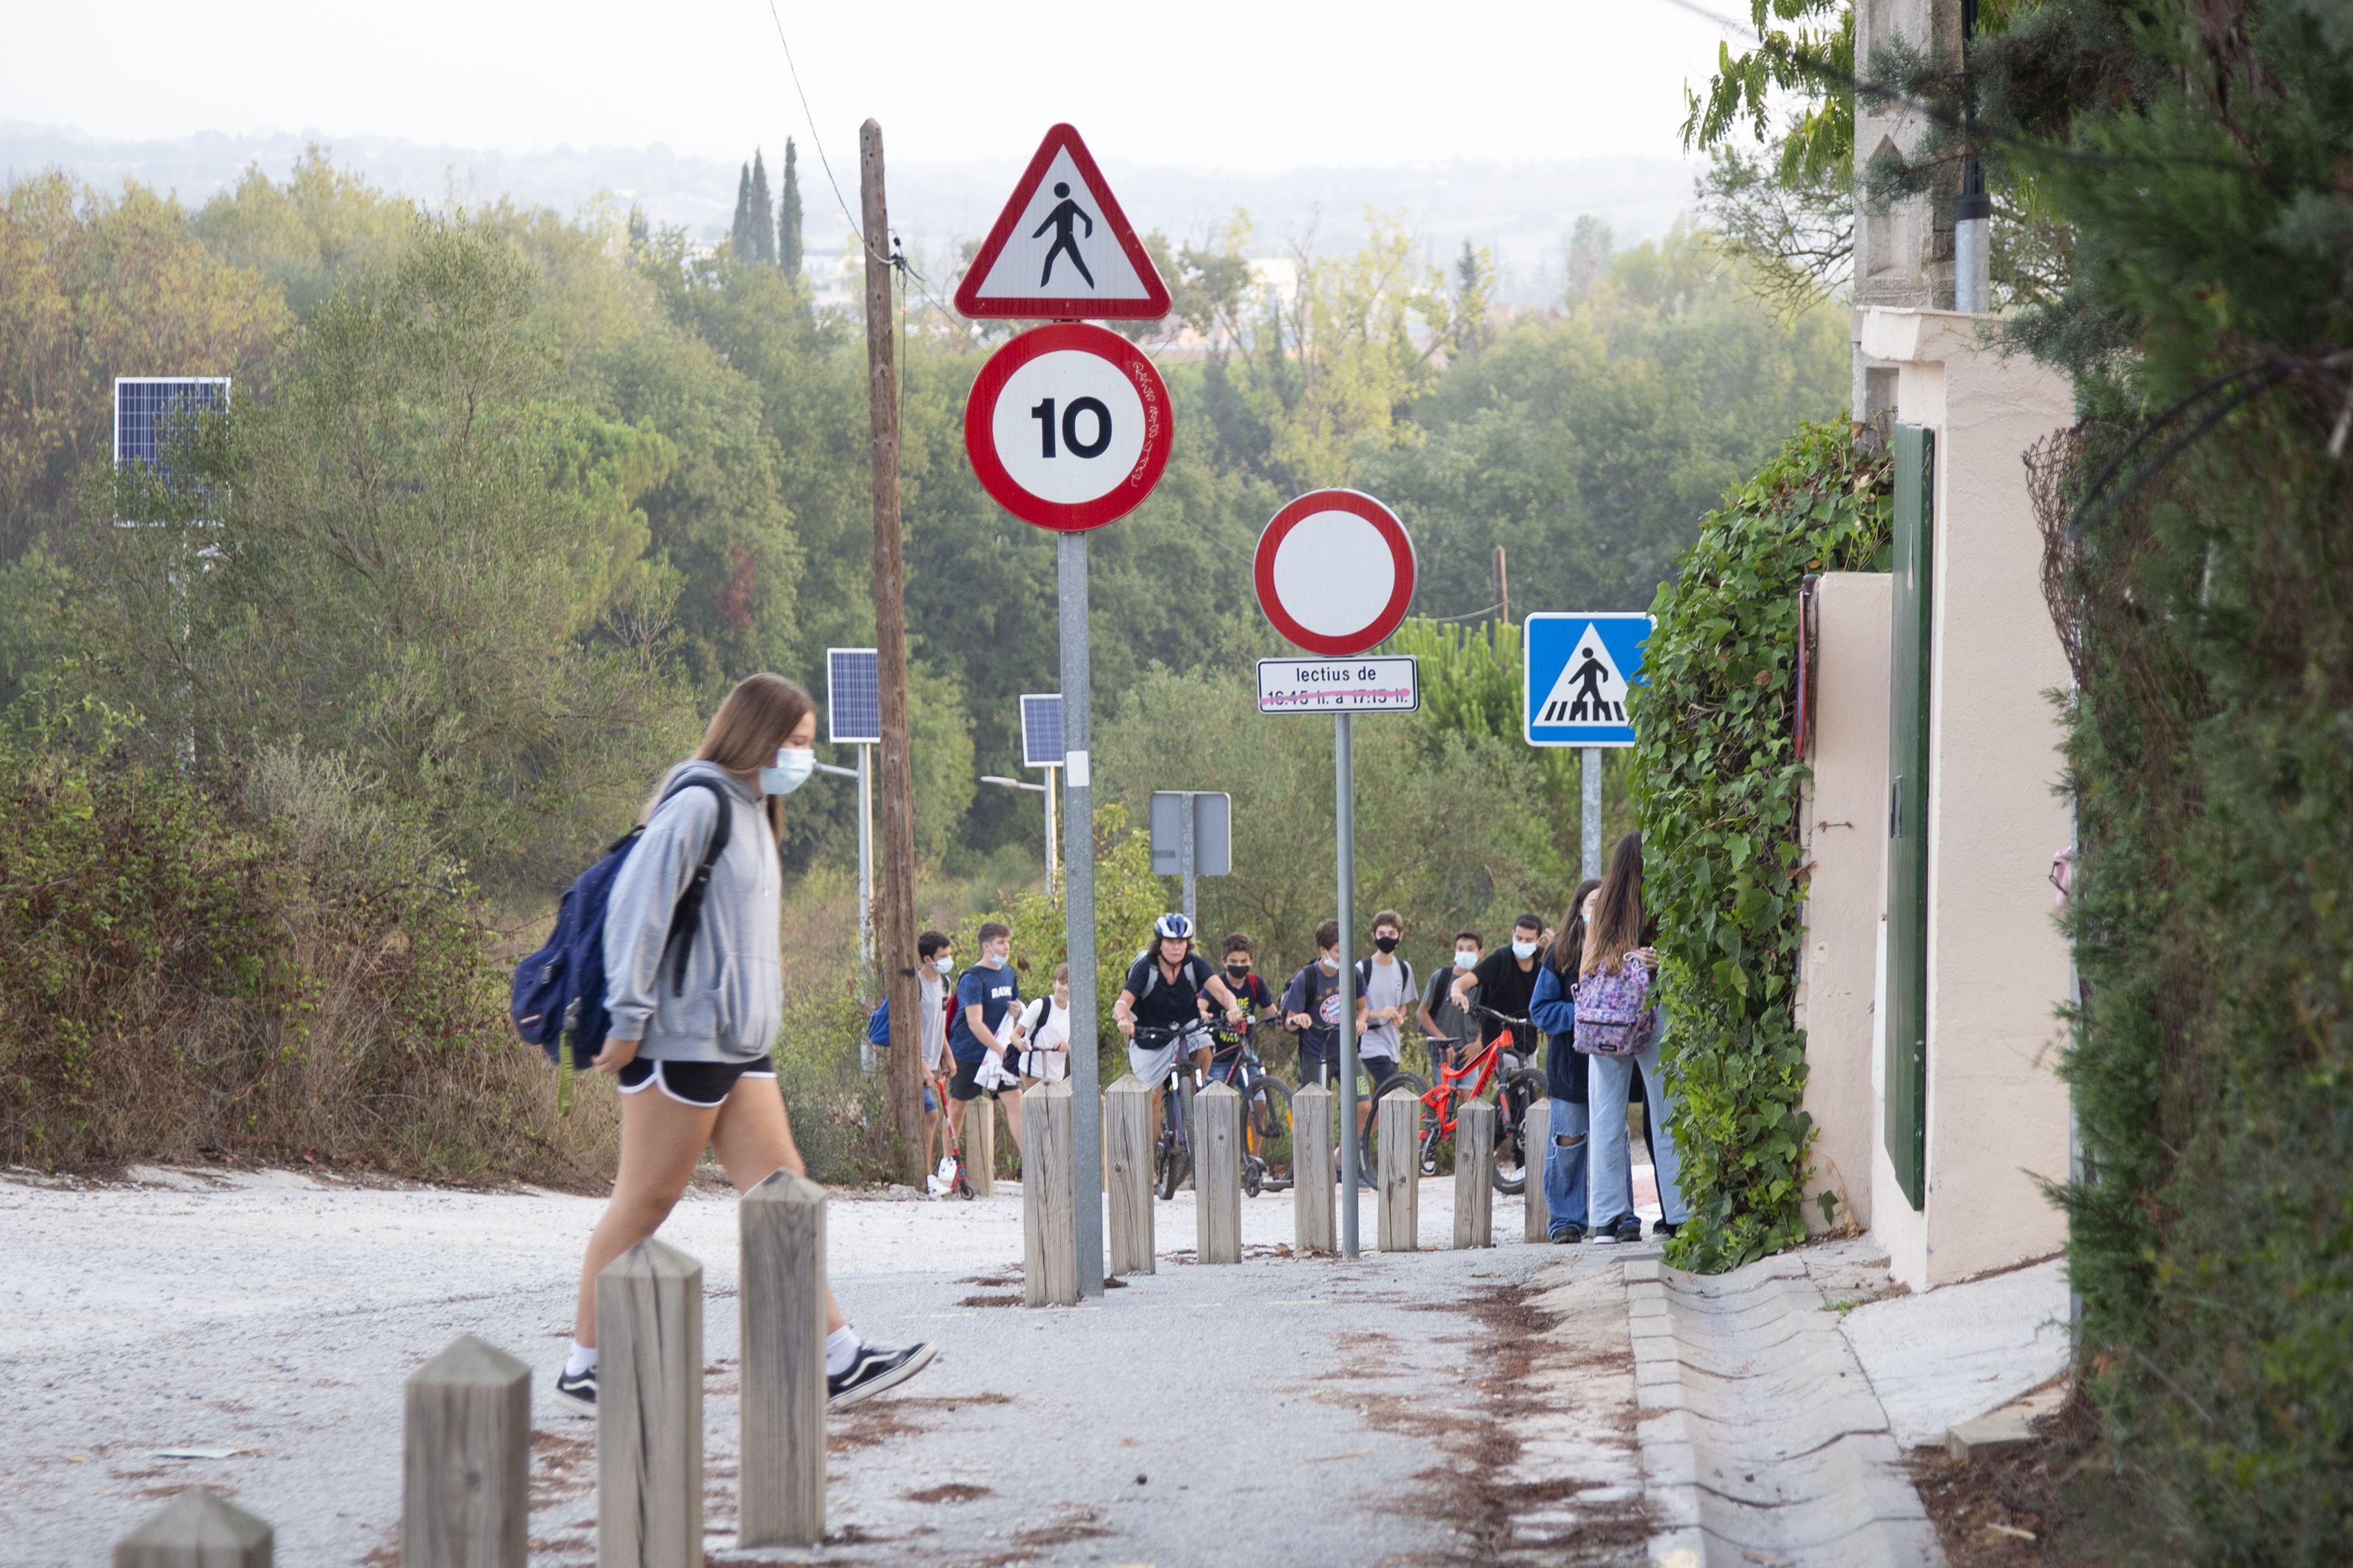 Primer dia d'escola a l'Avenç. Foto: Anna Bassa